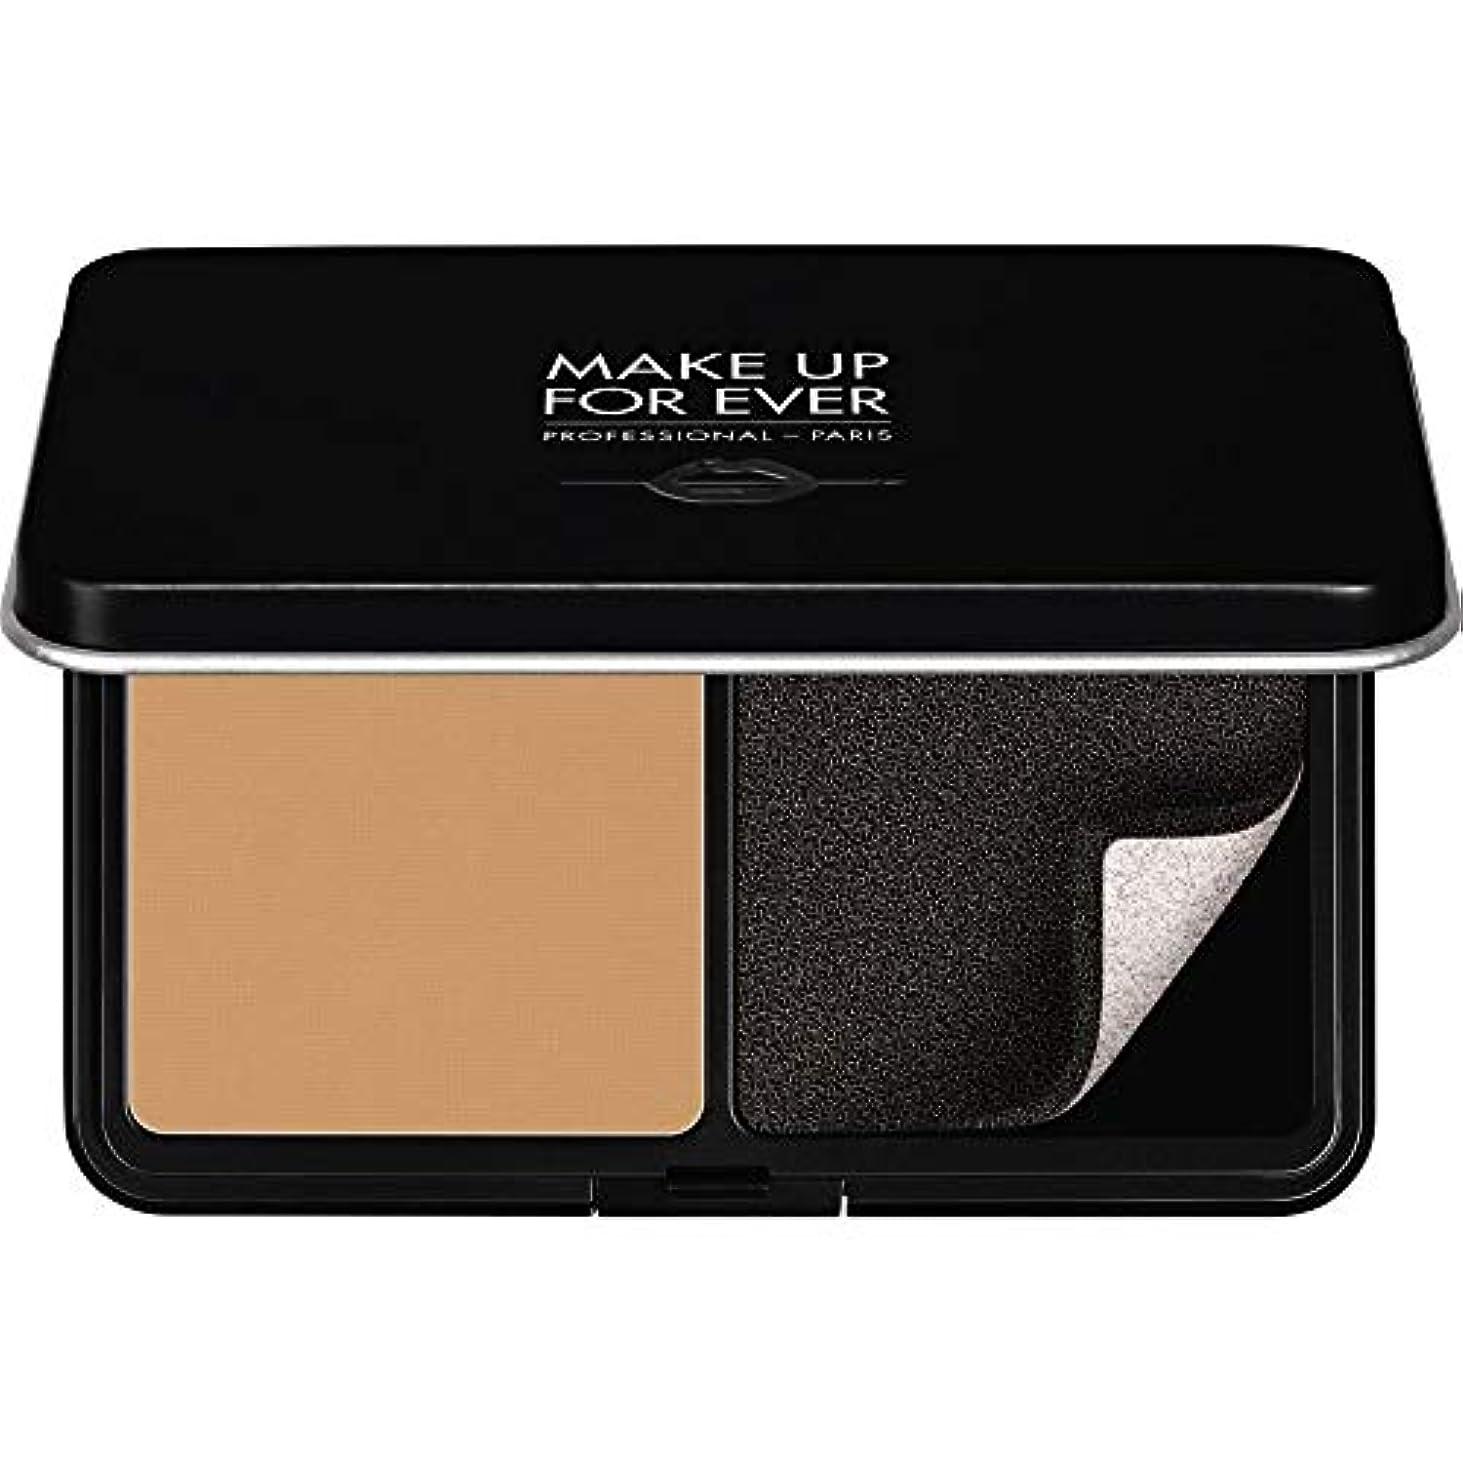 魂売る公演[MAKE UP FOR EVER ] パウダーファンデーション11GののY365をぼかし、これまでマットベルベットの肌を補う - 砂漠 - MAKE UP FOR EVER Matte Velvet Skin Blurring...